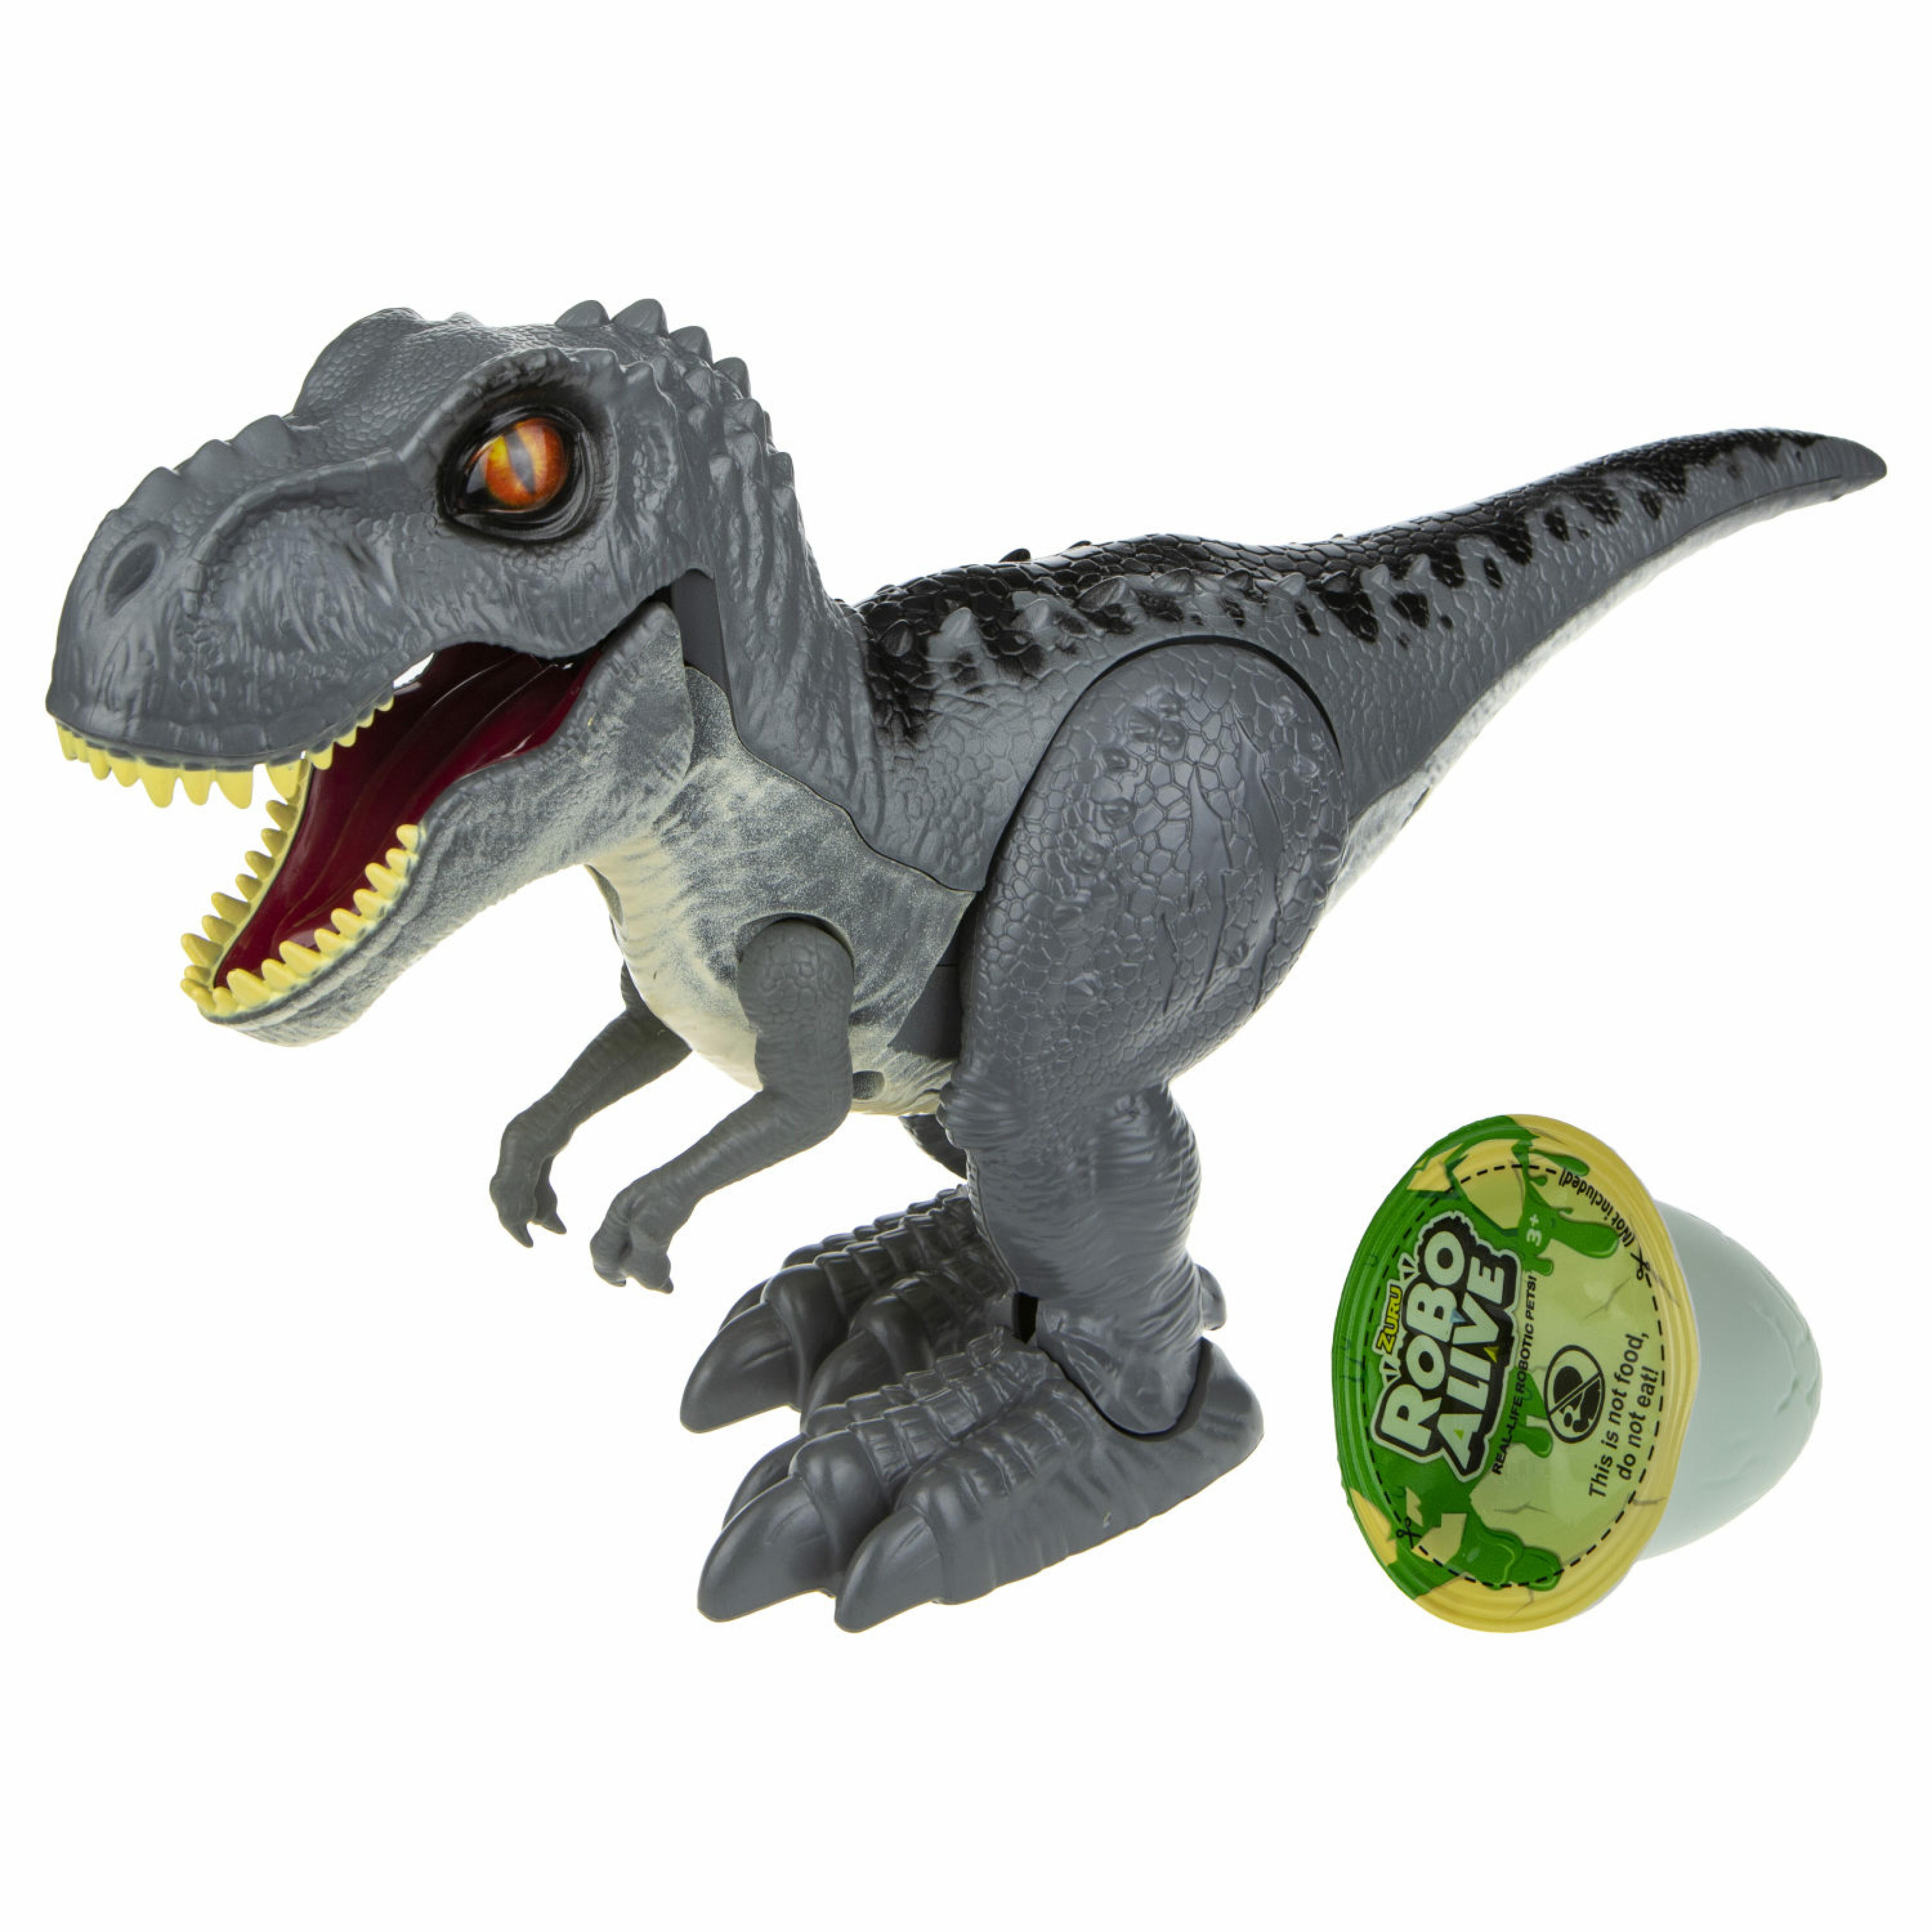 ZURU Игровой набор Робо-Тираннозавр RoboAlive (серый ) + слайм